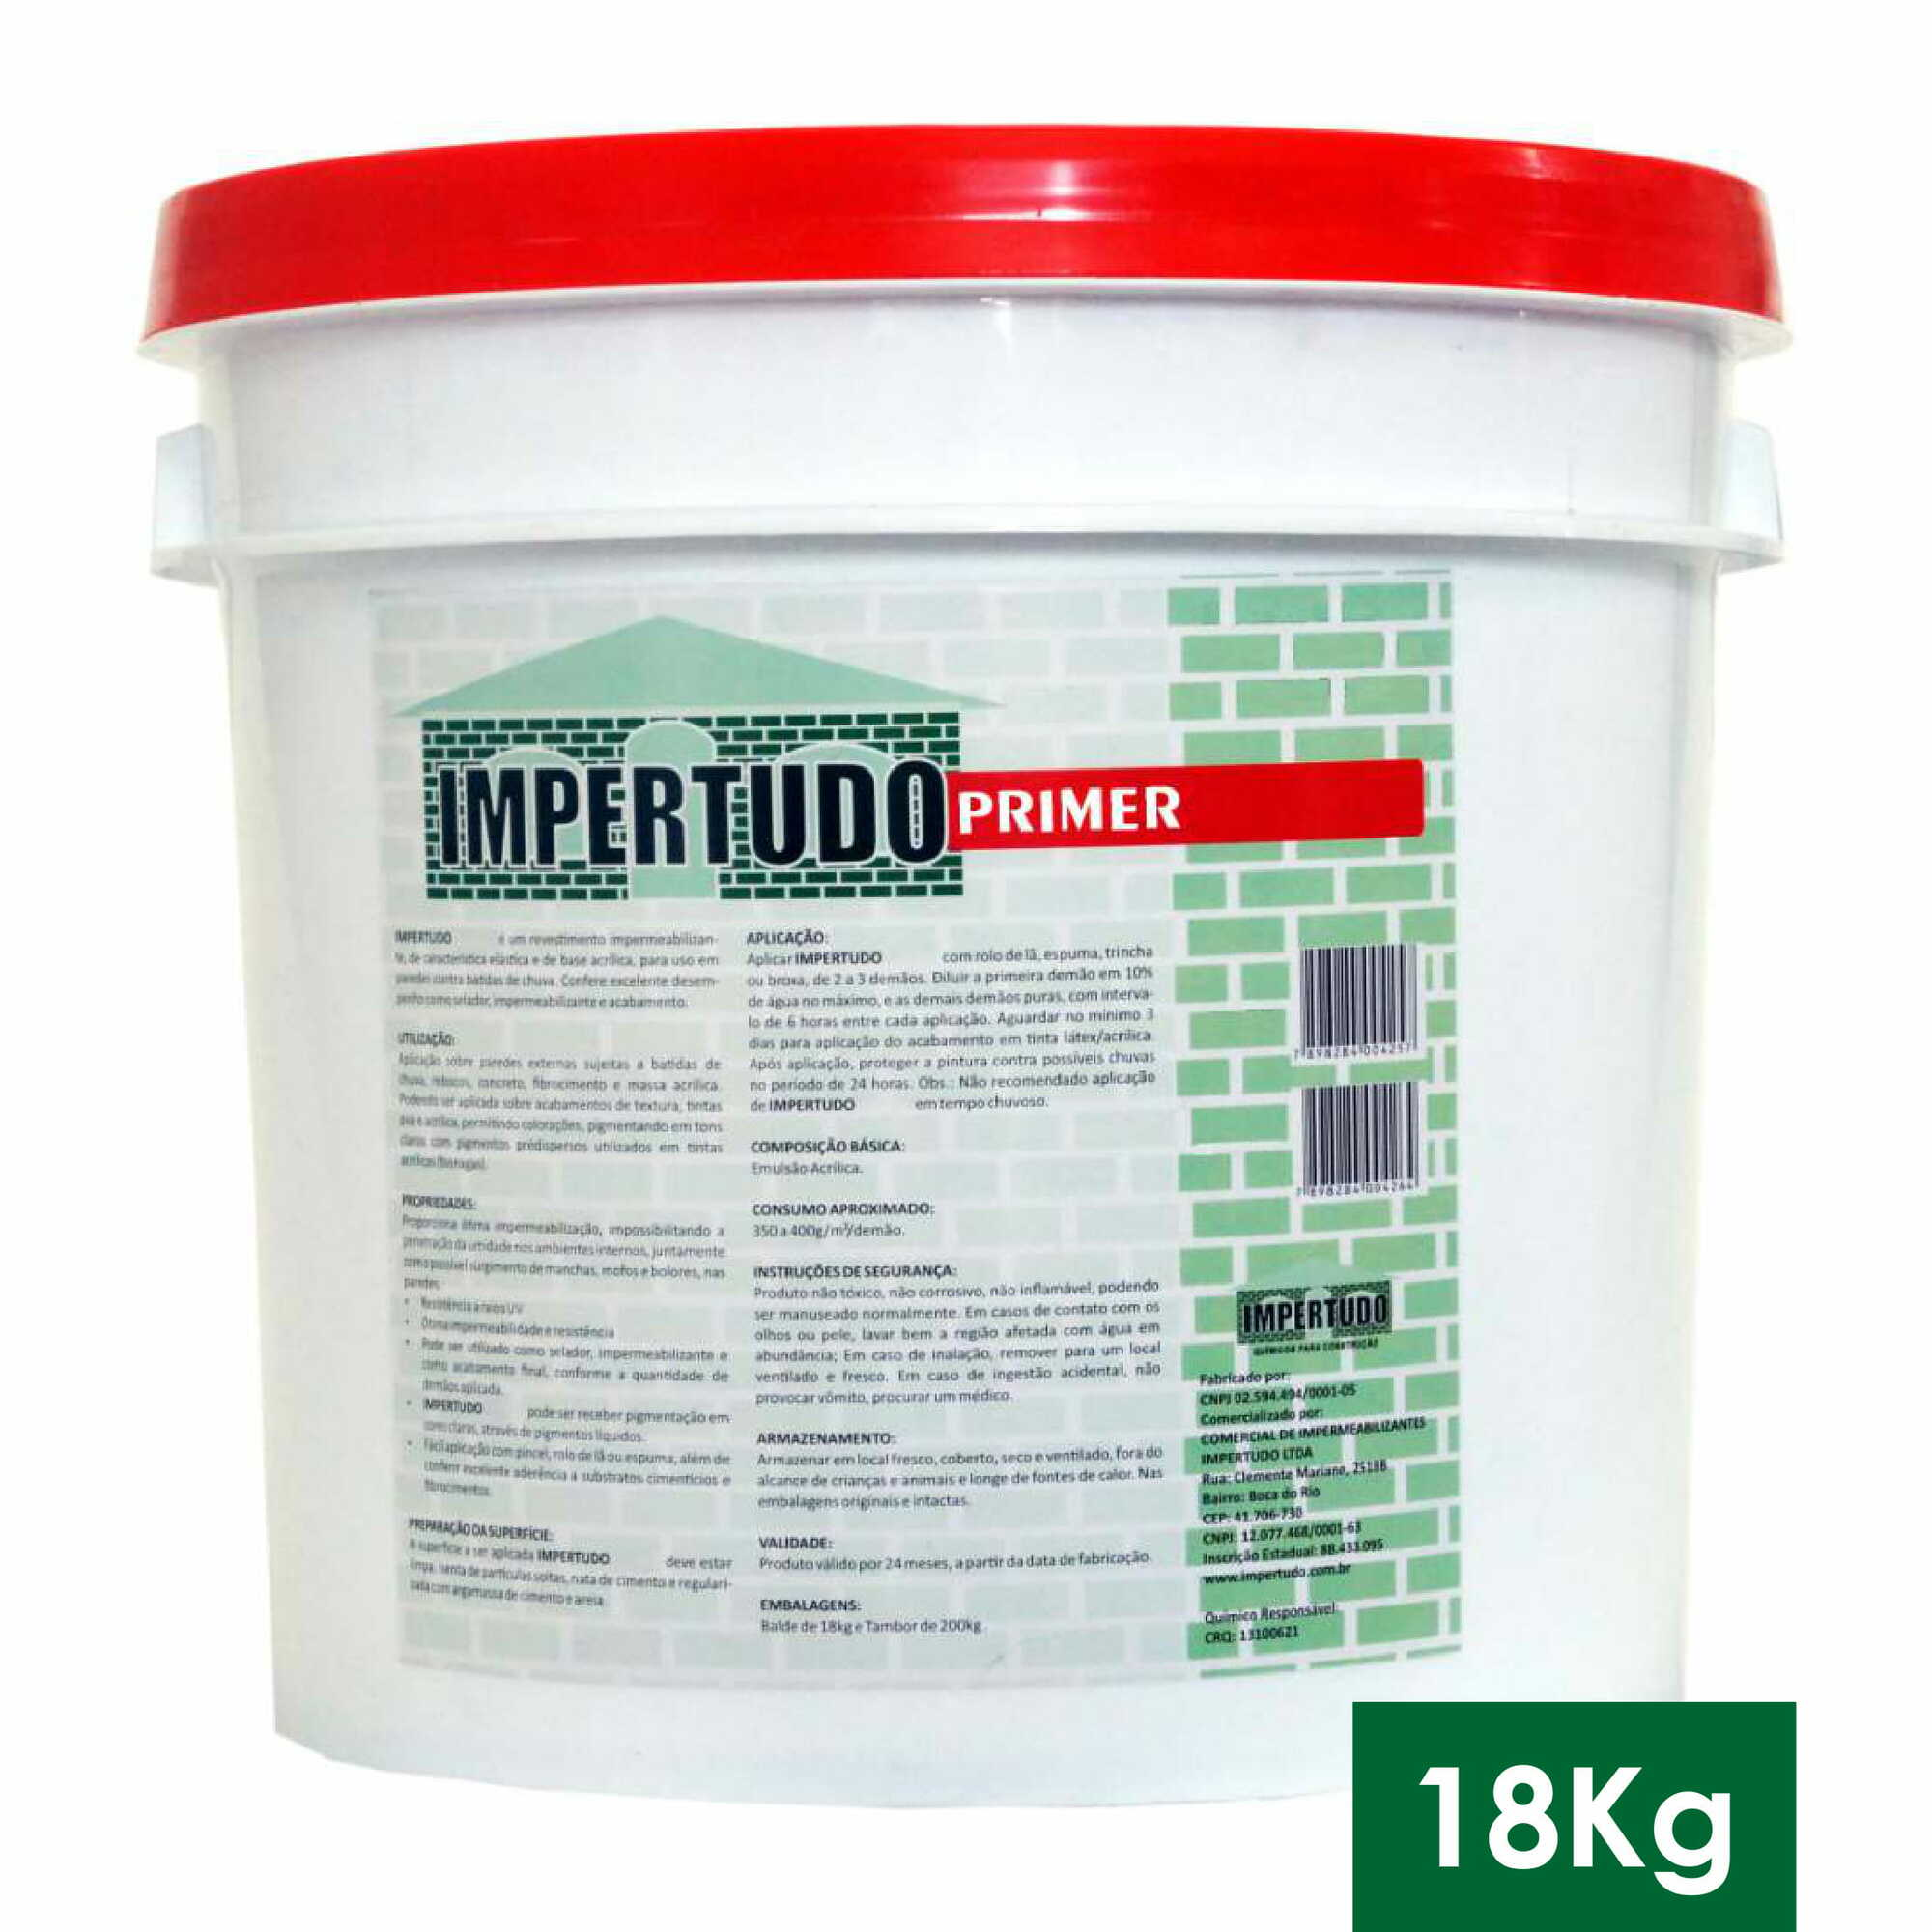 IMPERTUDO PRIMER - BALDE 18 KG